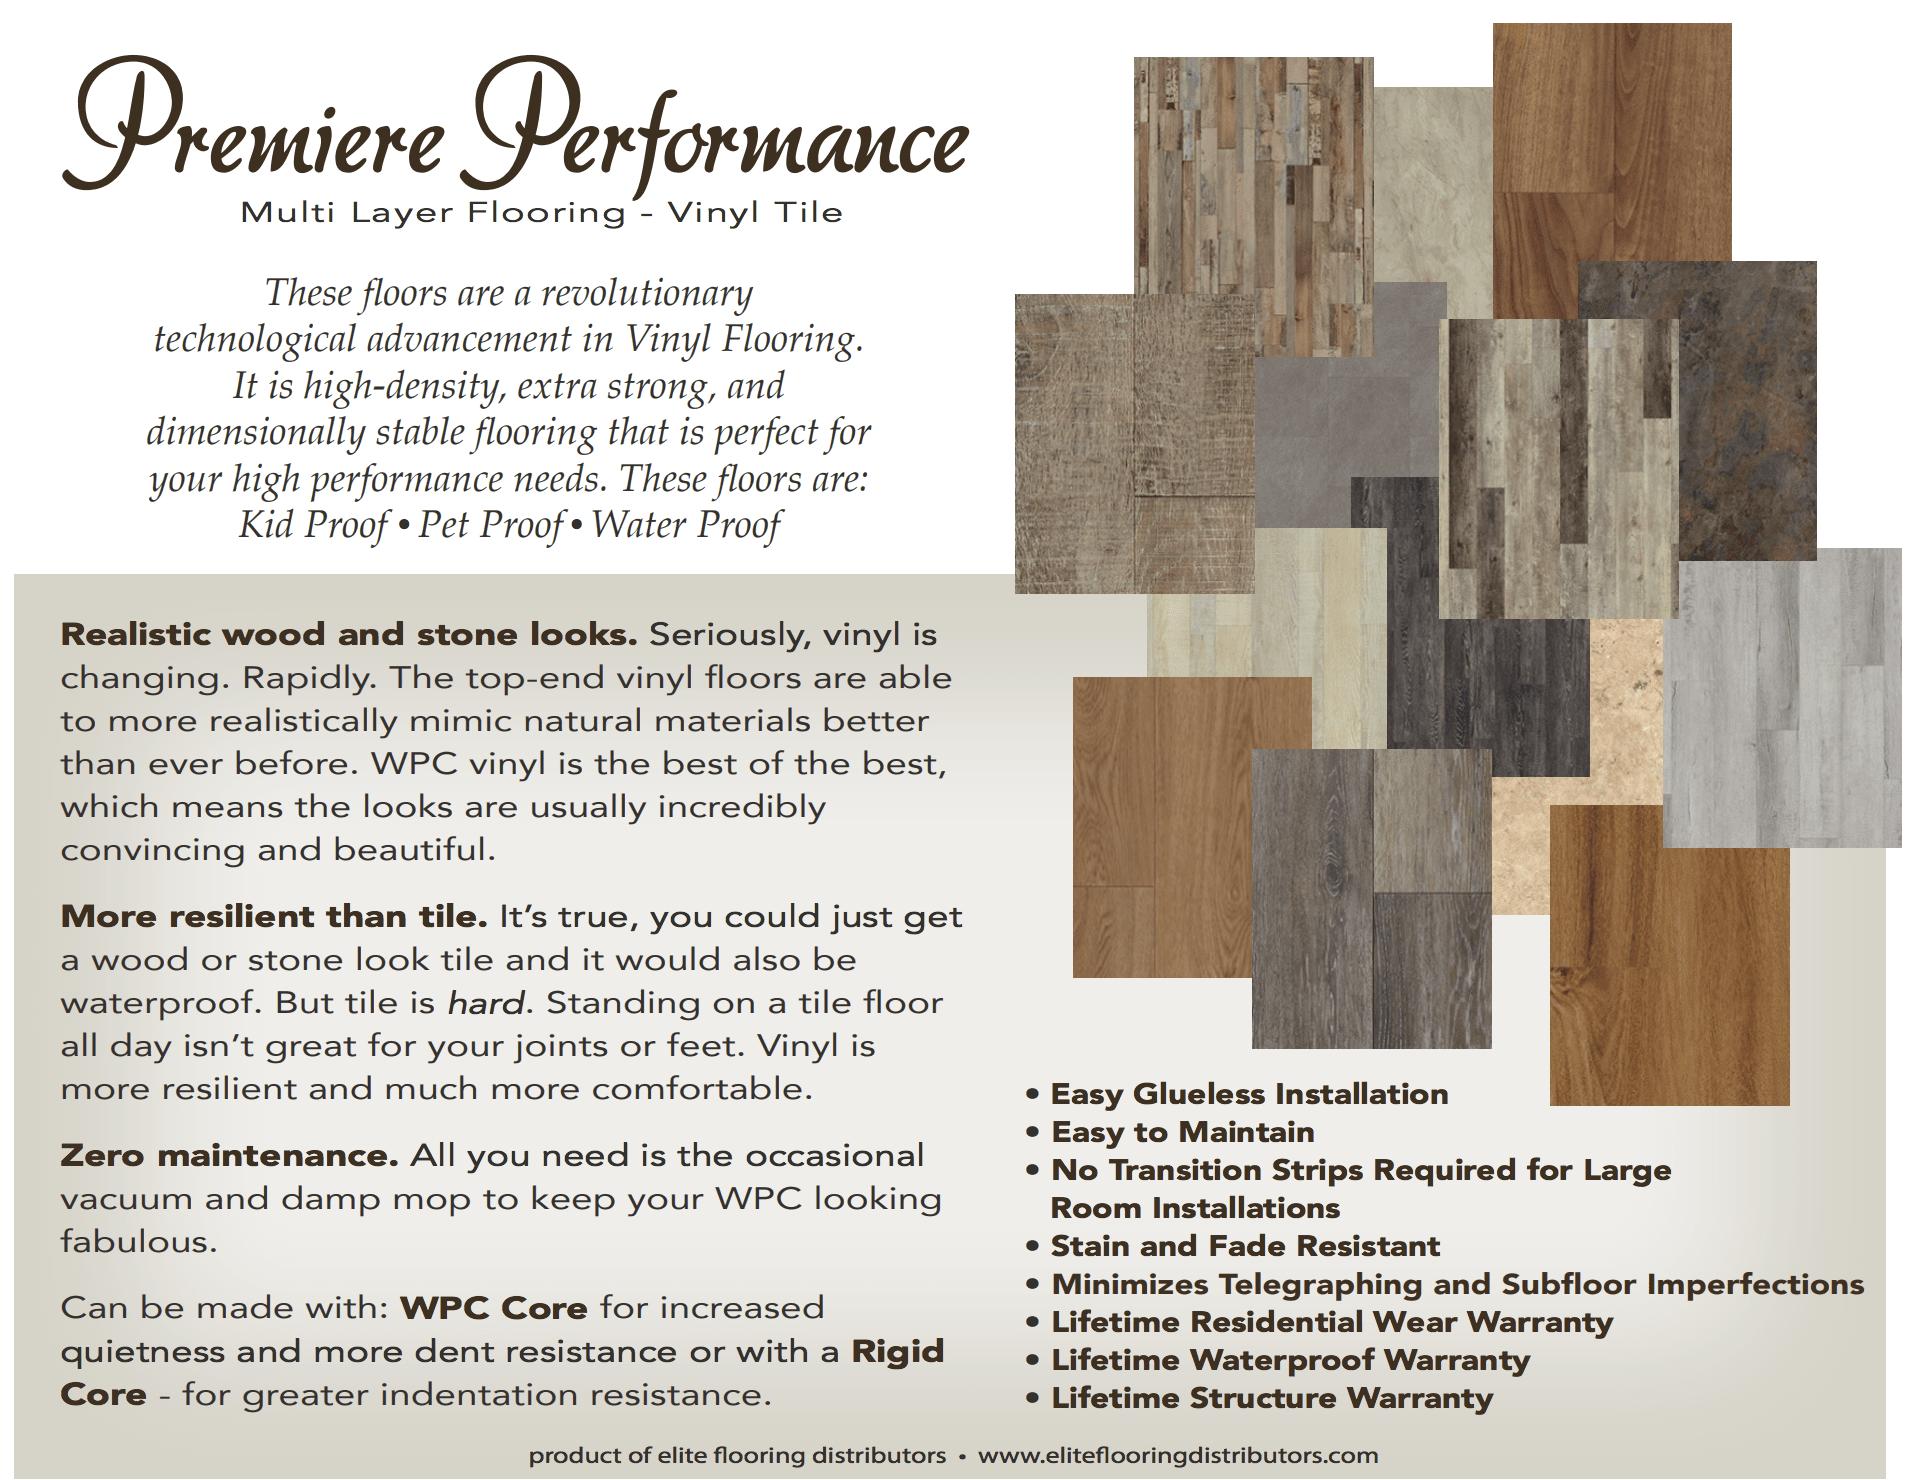 Elite Flooring Distributors carries multi layered vinyl tile floors by Premiere Performance